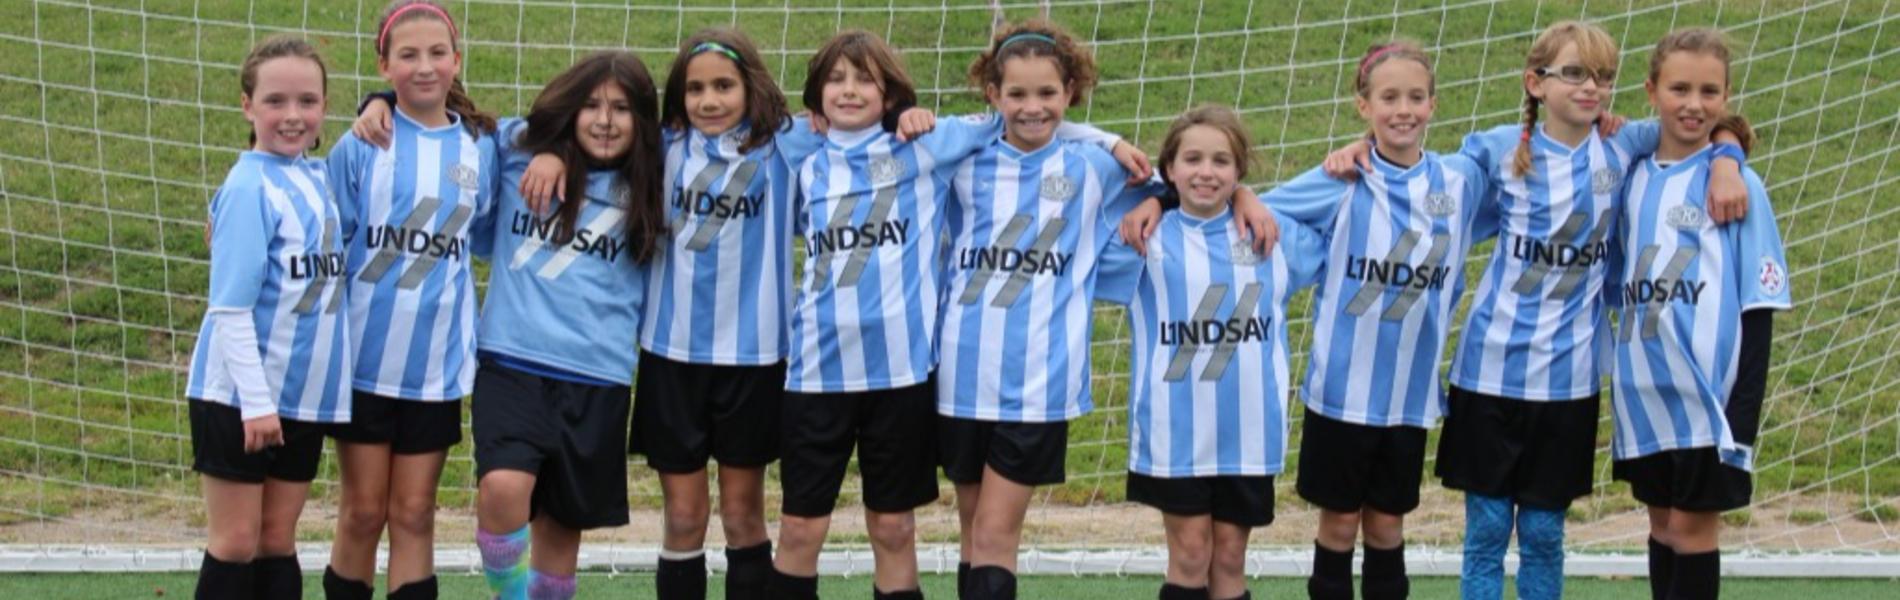 למה הבנות שלכן צריכות לשחק דווקא כדורגל?